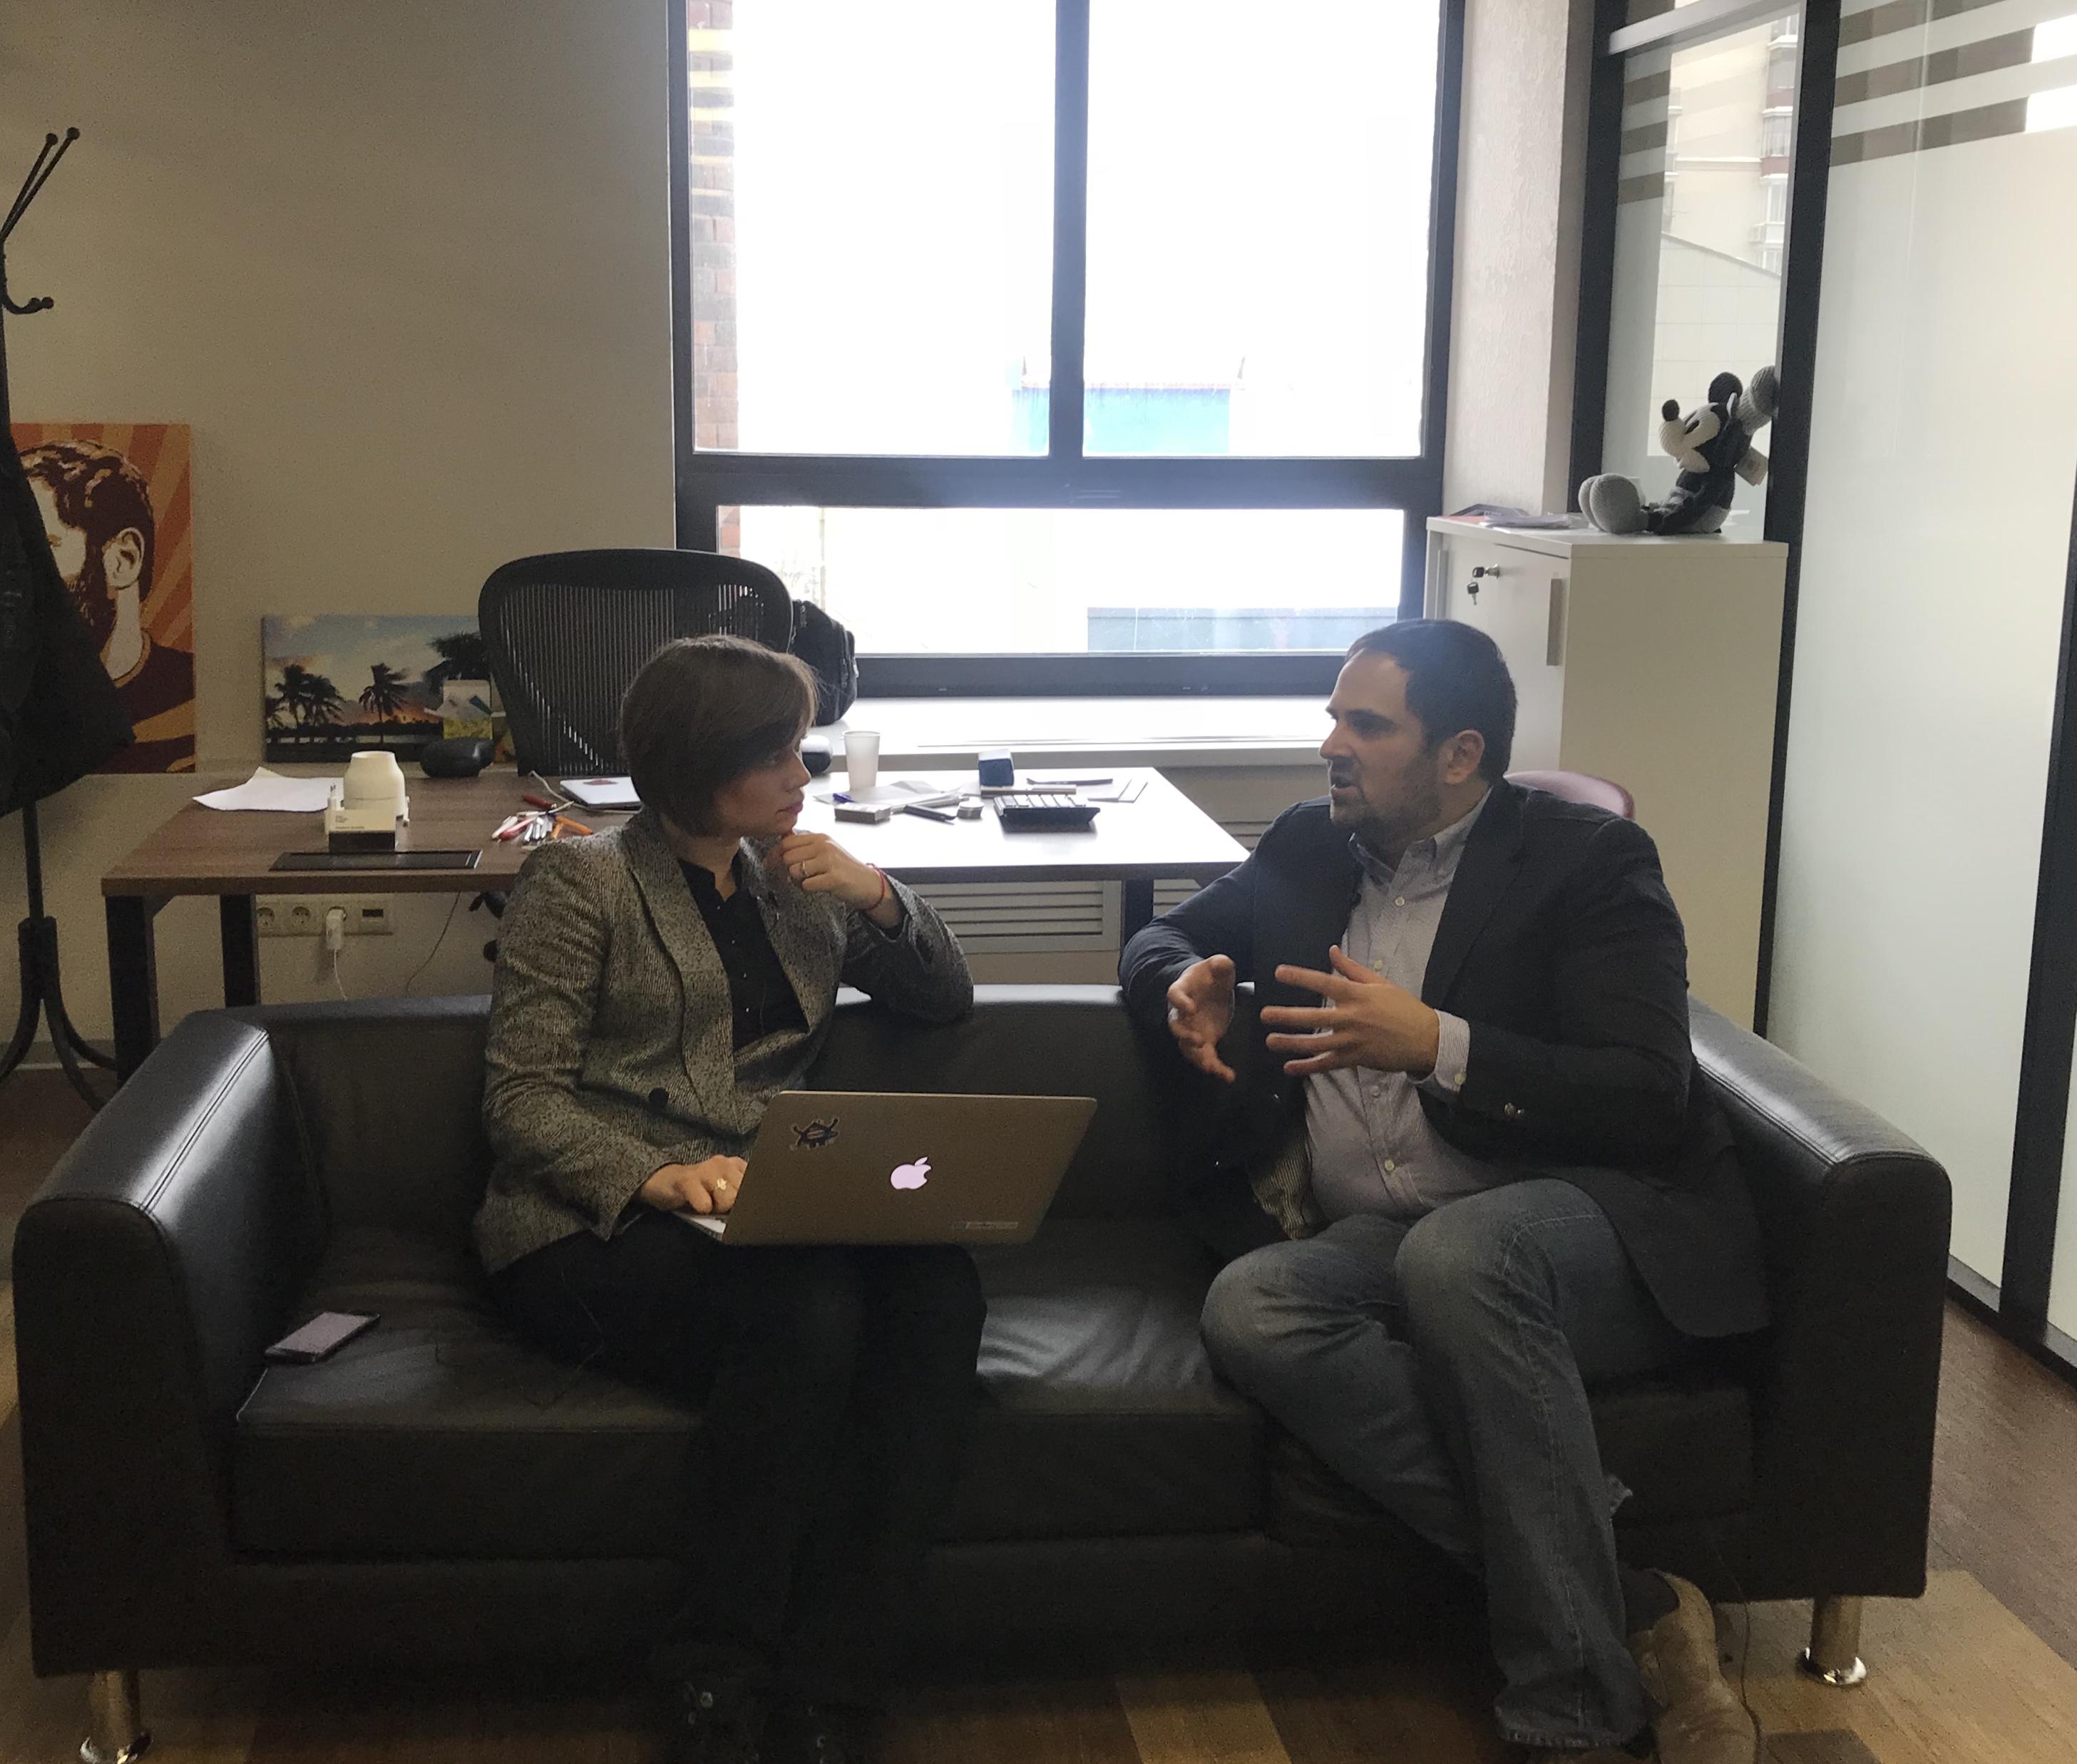 Интервью Директора по маркетингу в ГетРеспонс Юлии Раковой с Владимиром Смеркисом, со основателем платформы для криптотрейдинга TokenBox